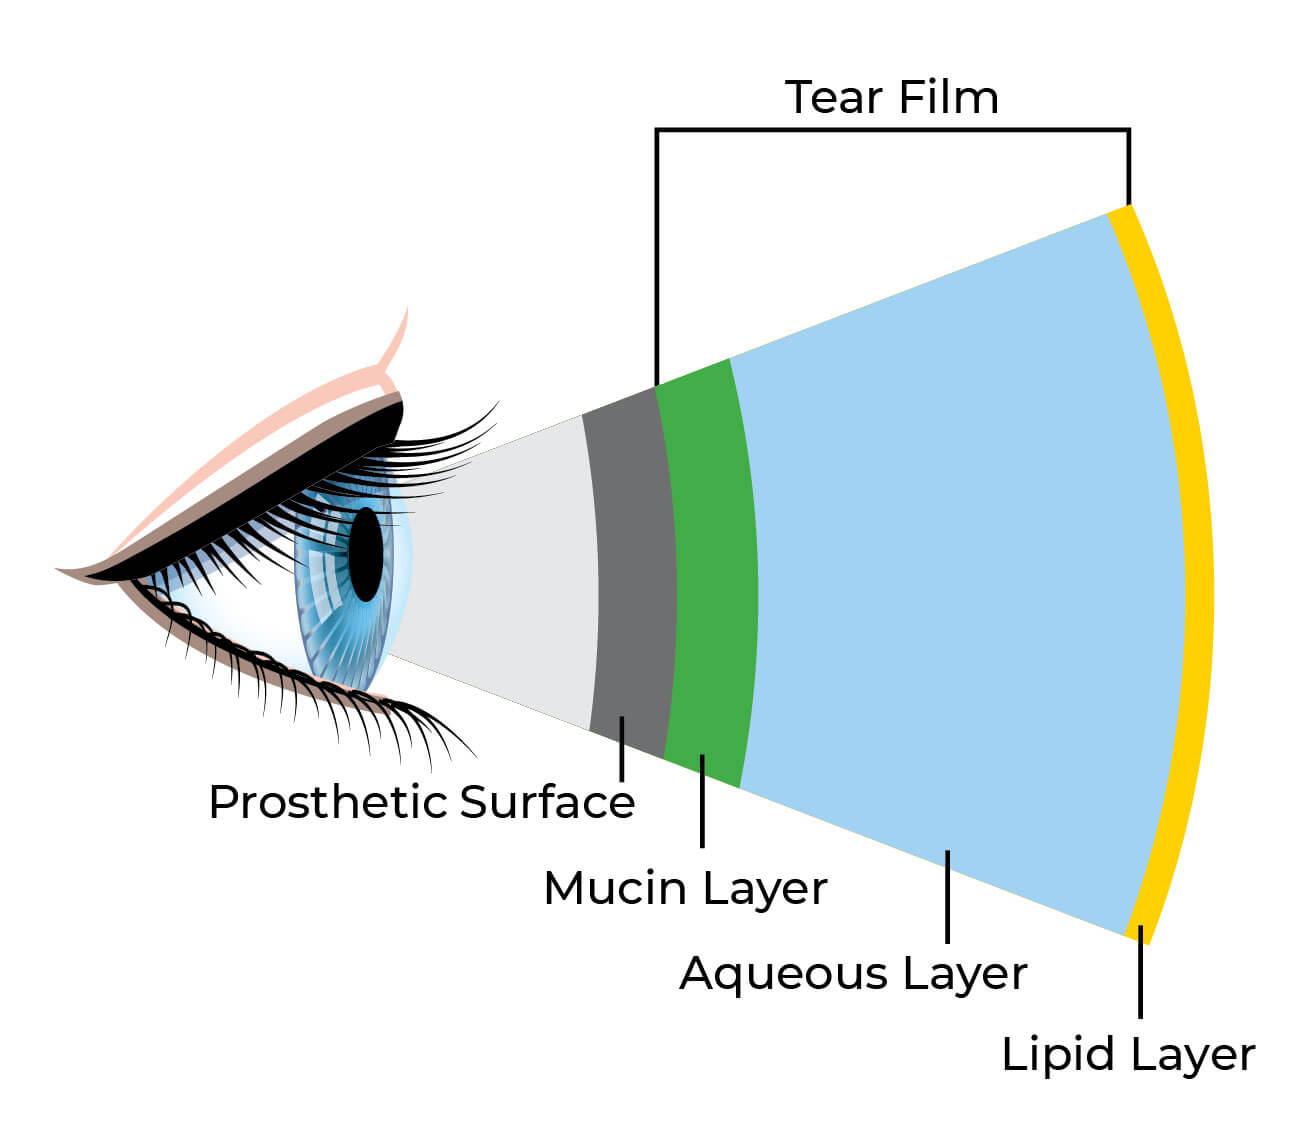 diagram of artificial eye alarm pir sensor wiring tears in the socket northwest design lubricants shown diagrams